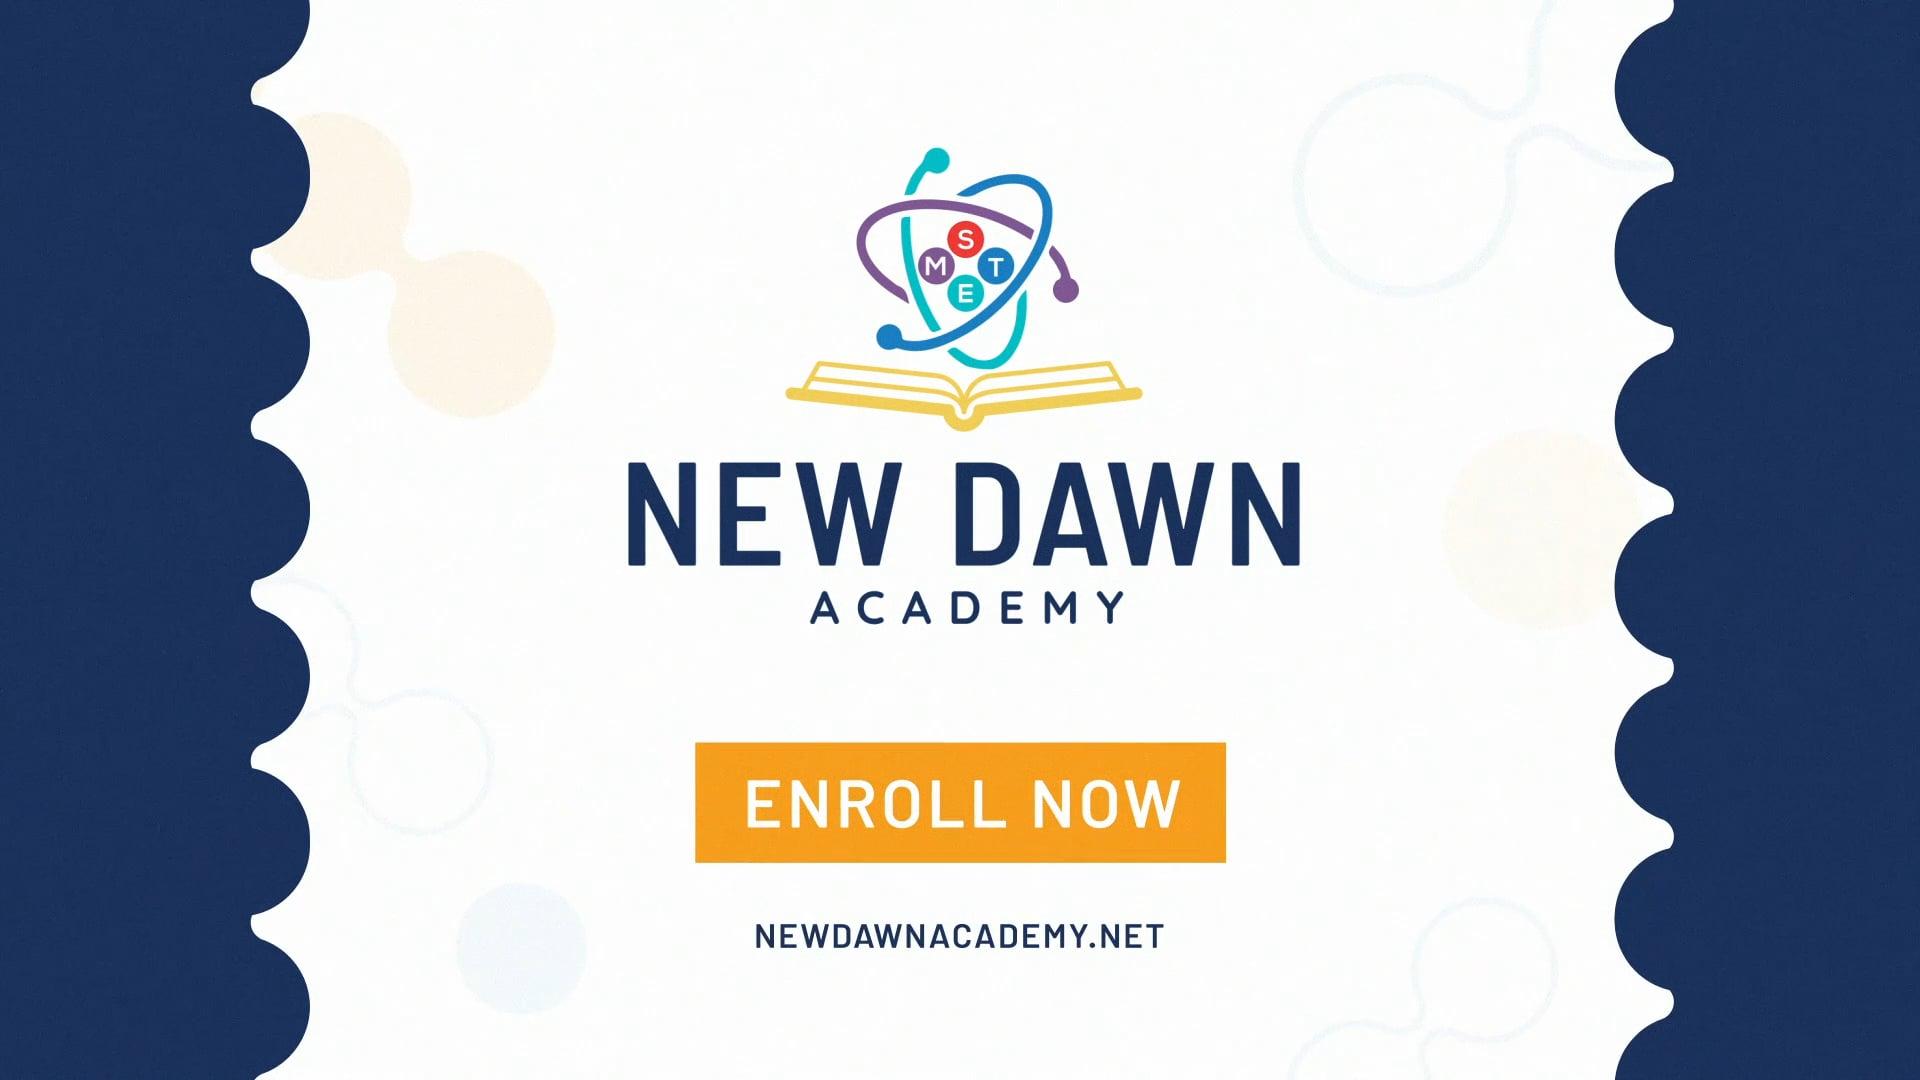 New Dawn Academy Promo